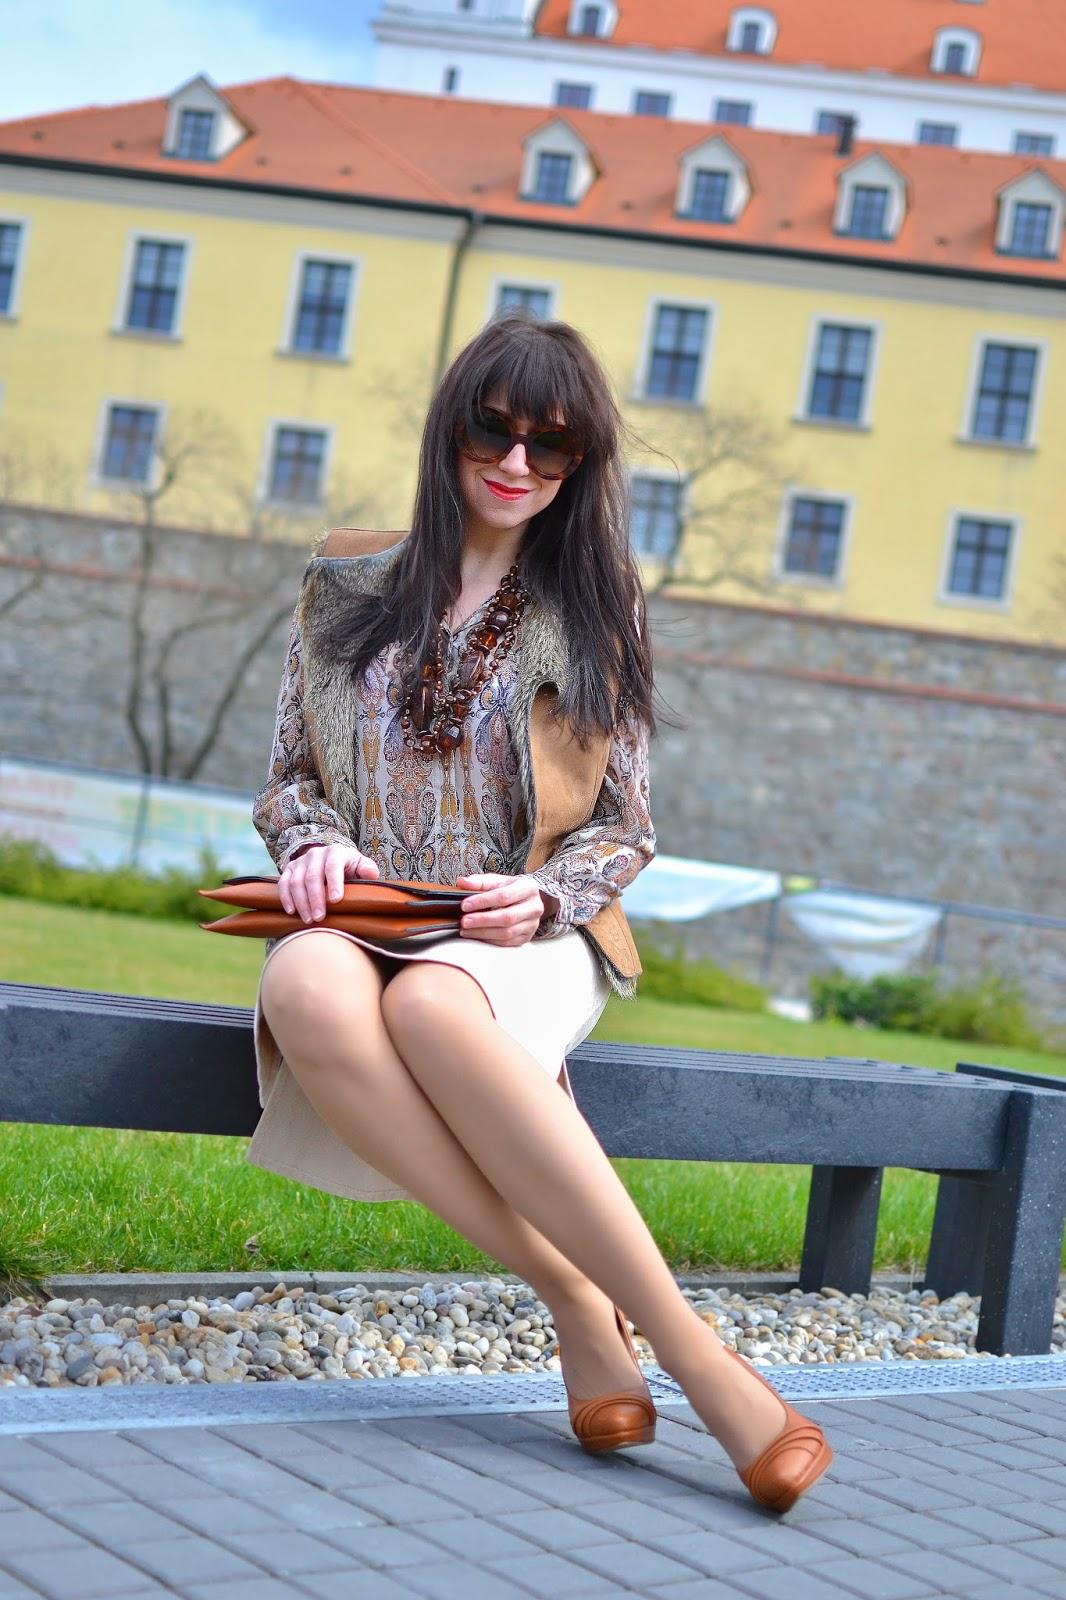 KAŠMÍROVÝ VZOR_Katharine-fashion is beautiful_Kožušinová vesta_Šifónová blúzka_Katarína Jakubčová_Fashion blogger